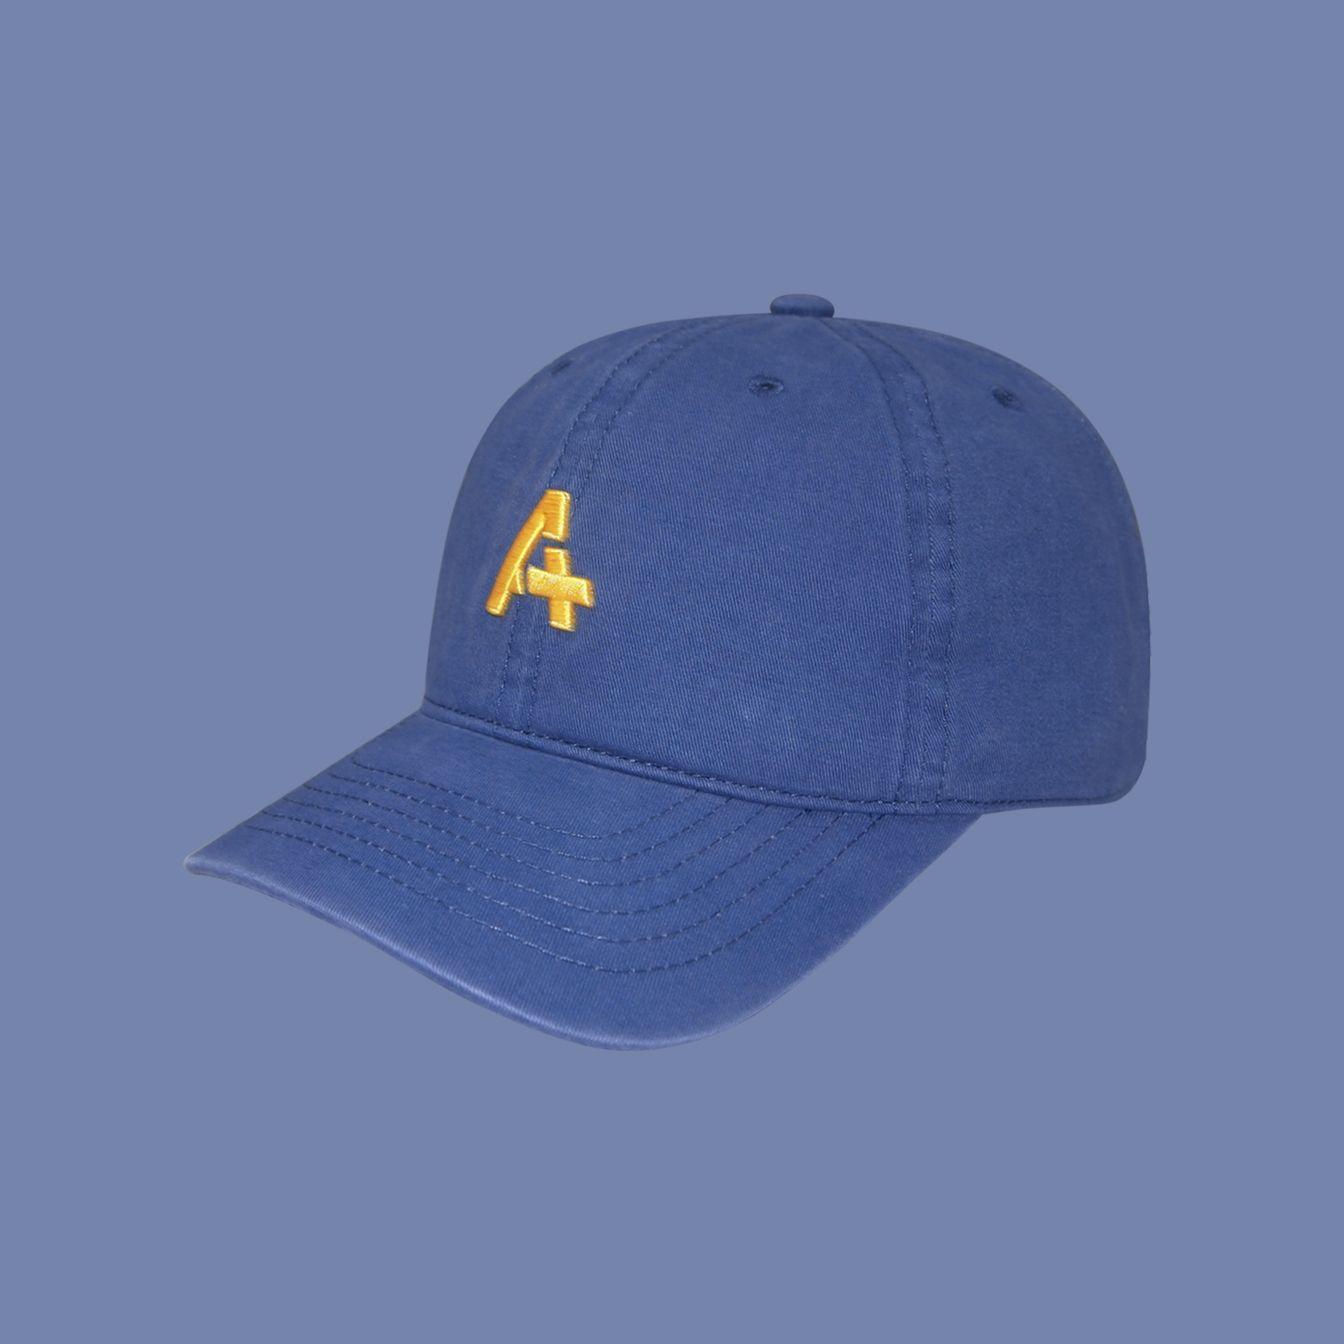 韩版棒球帽,水洗帽,全棉